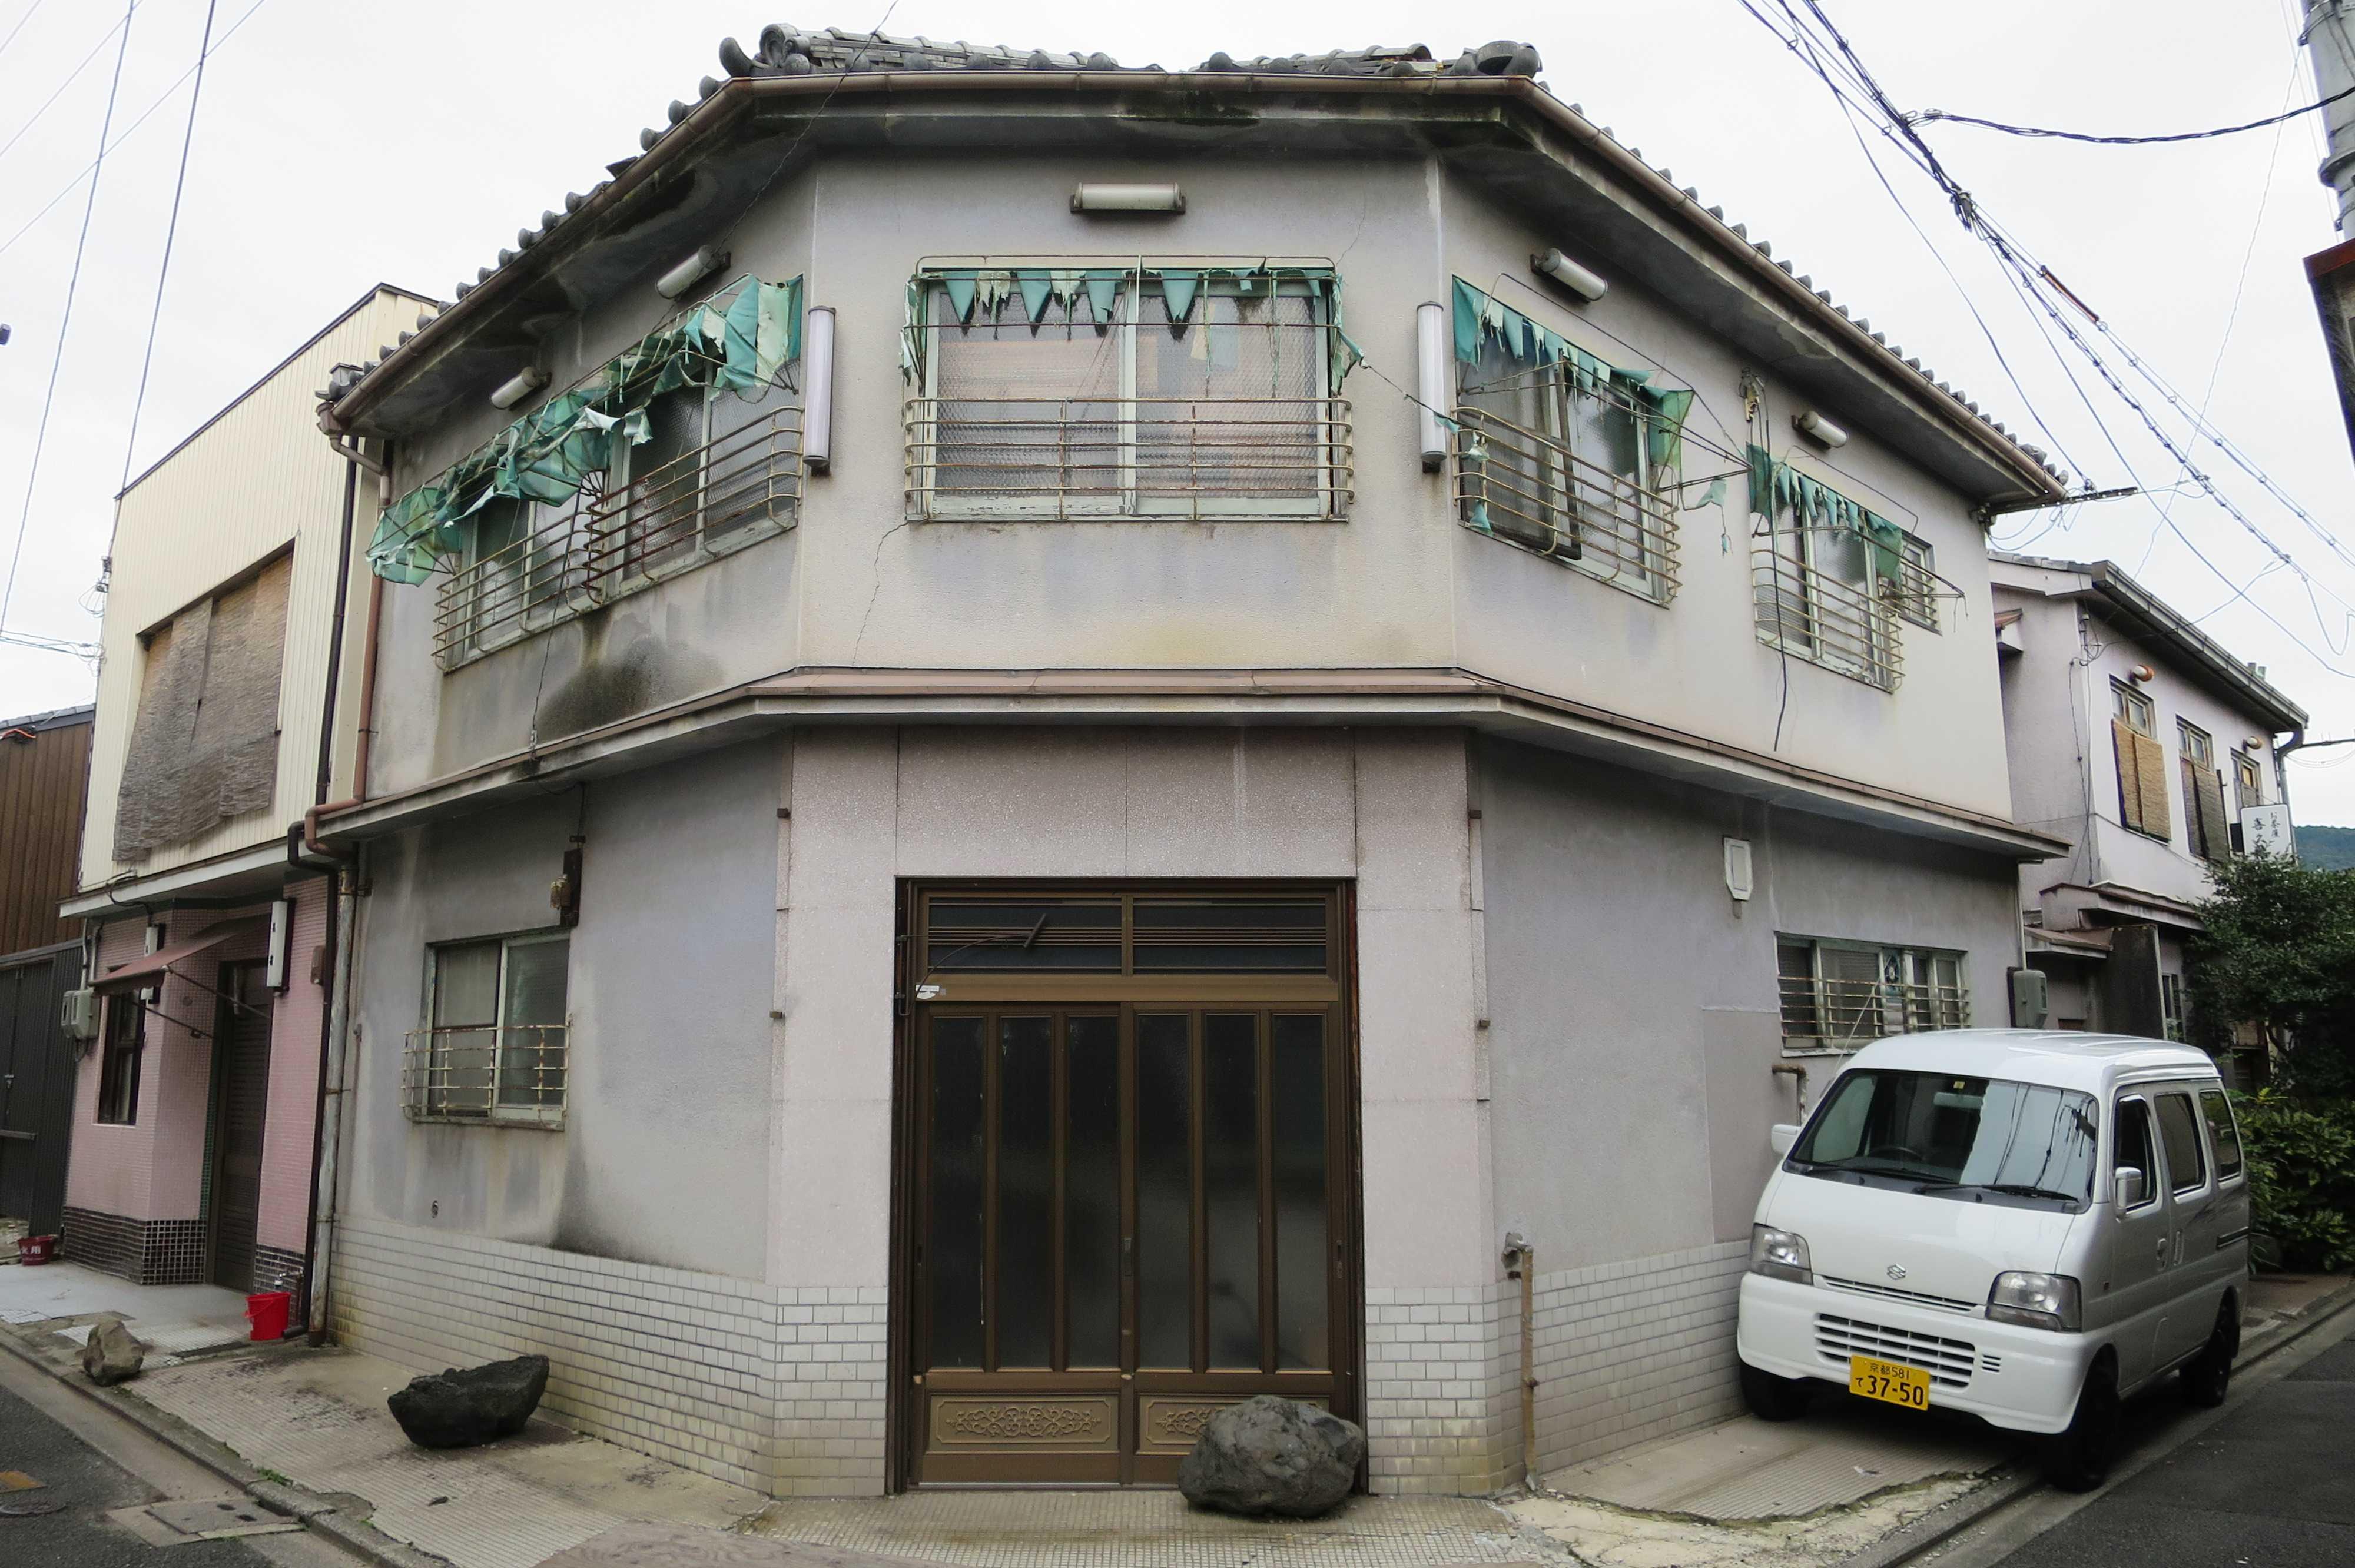 京都・五条楽園 - 2Fの庇テントが風化している角地の建物